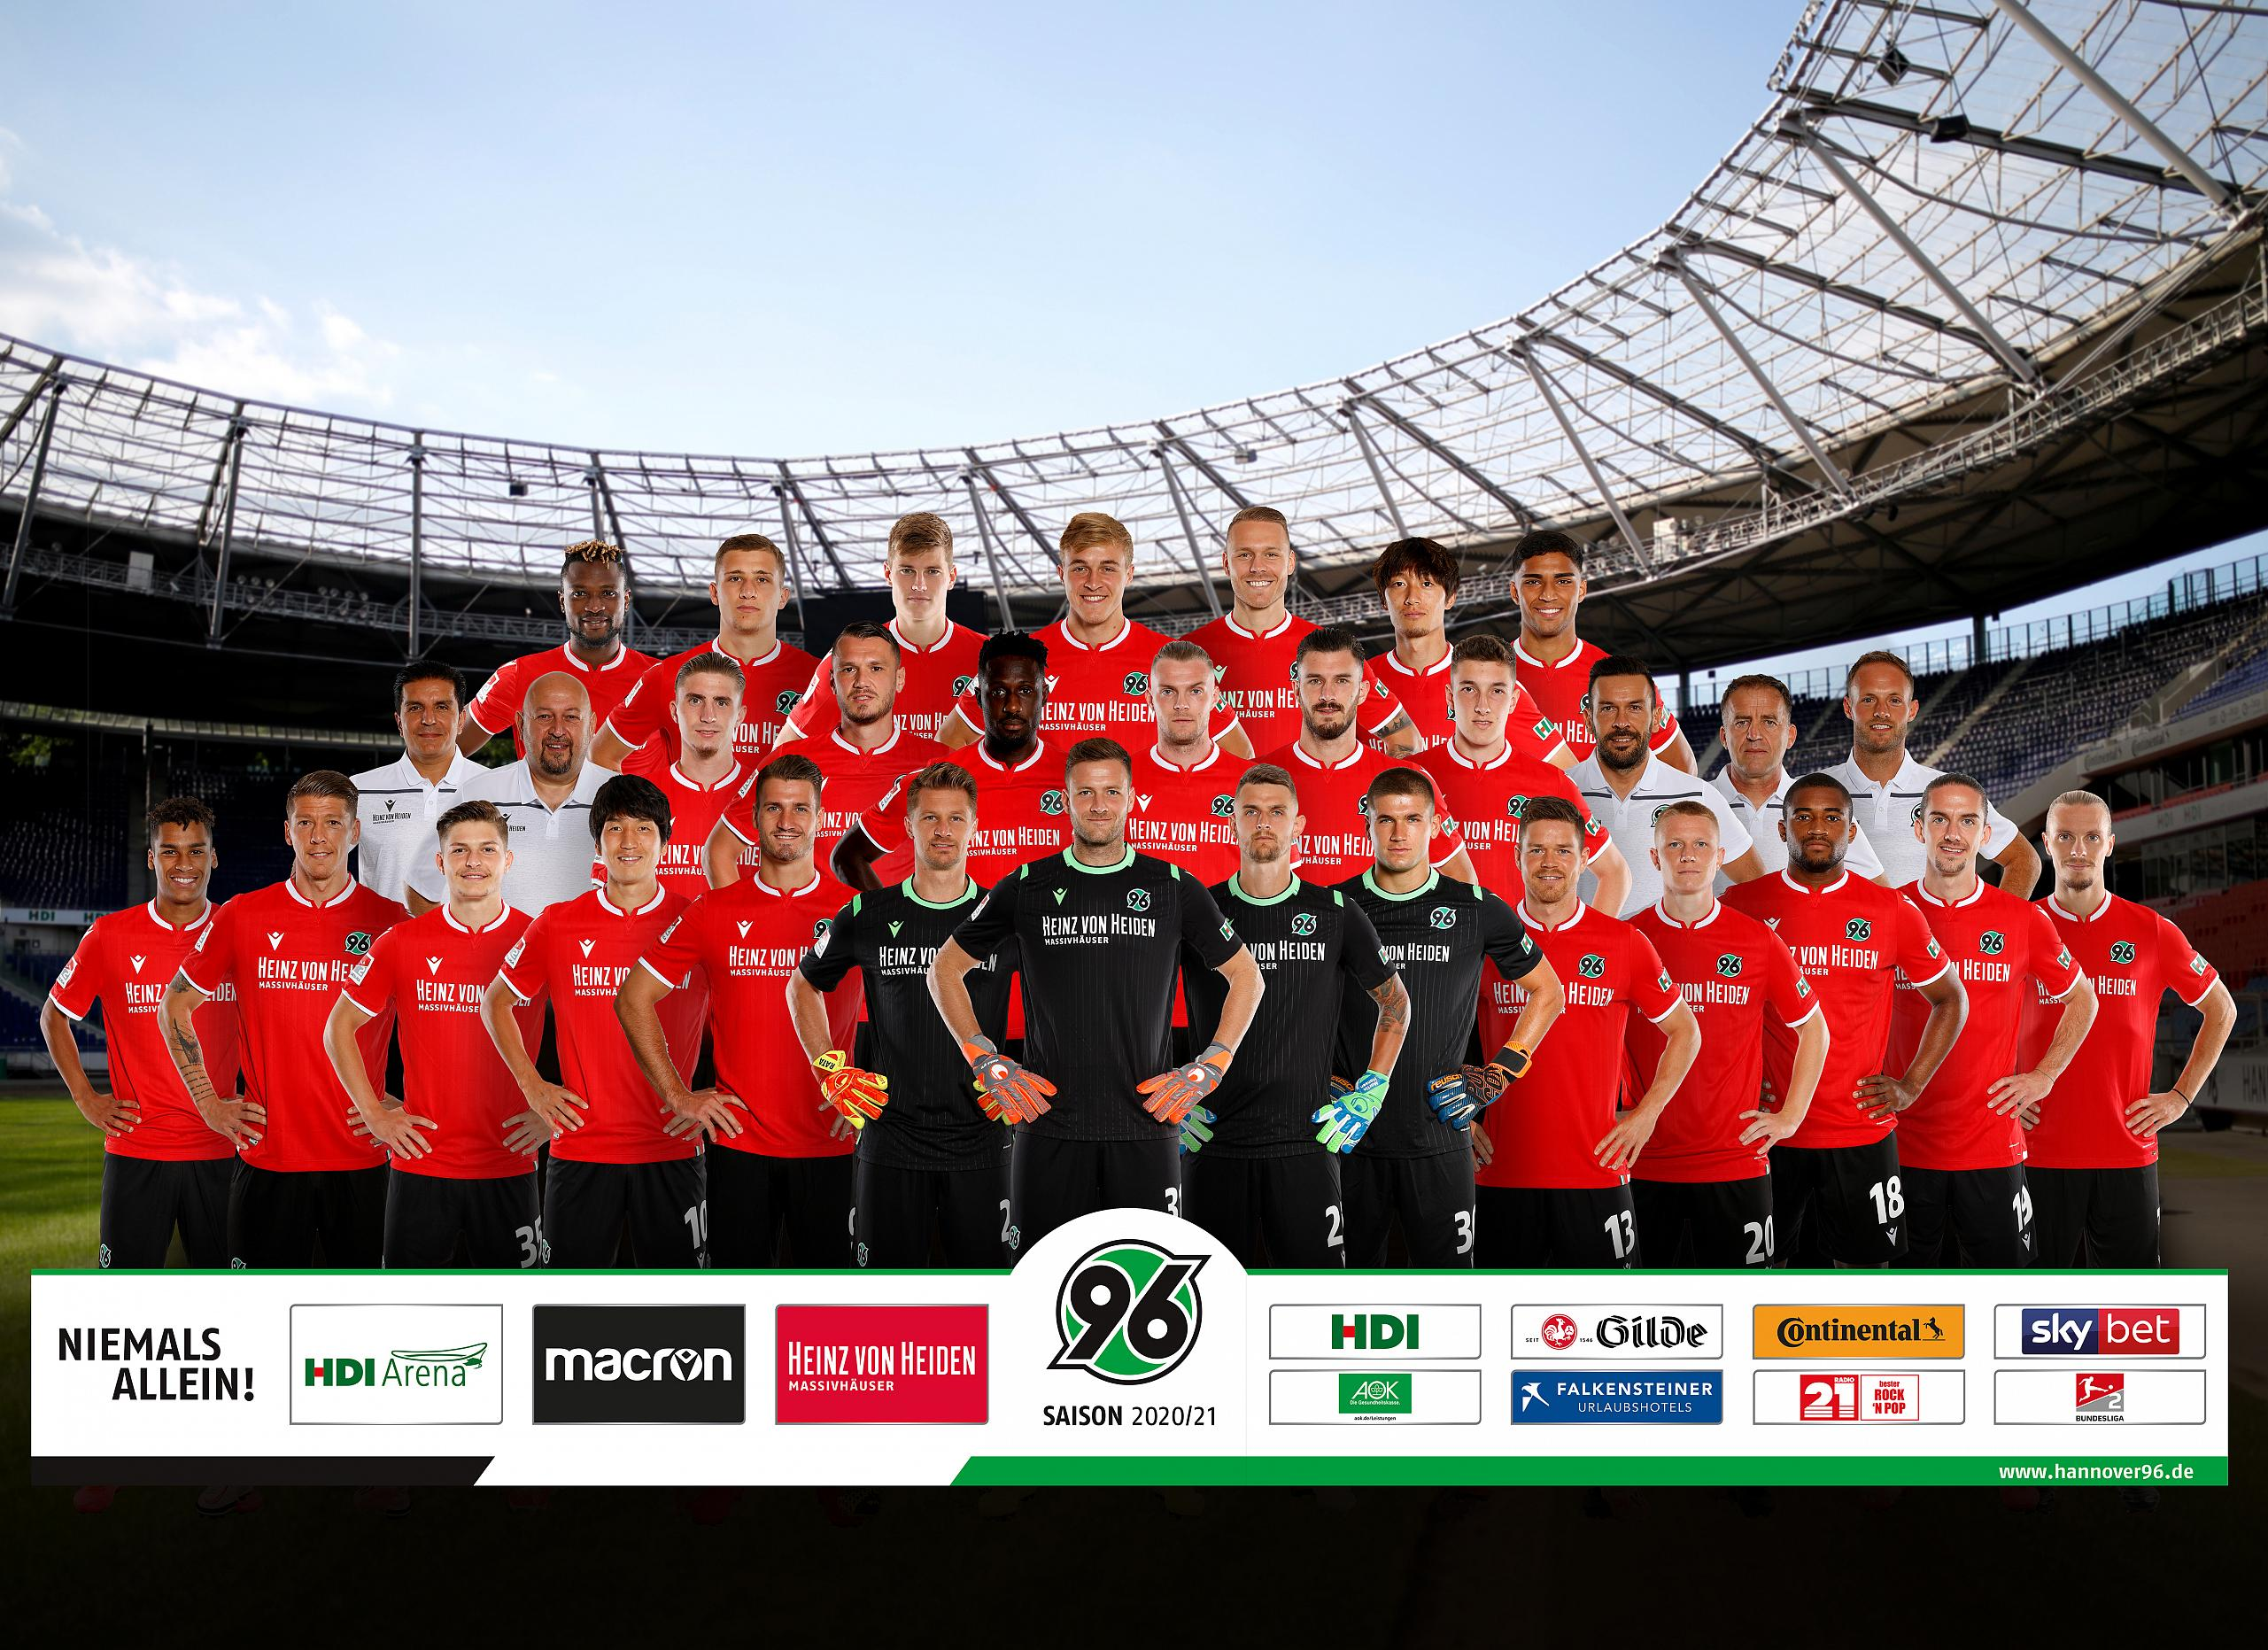 Hannover 96 Kader